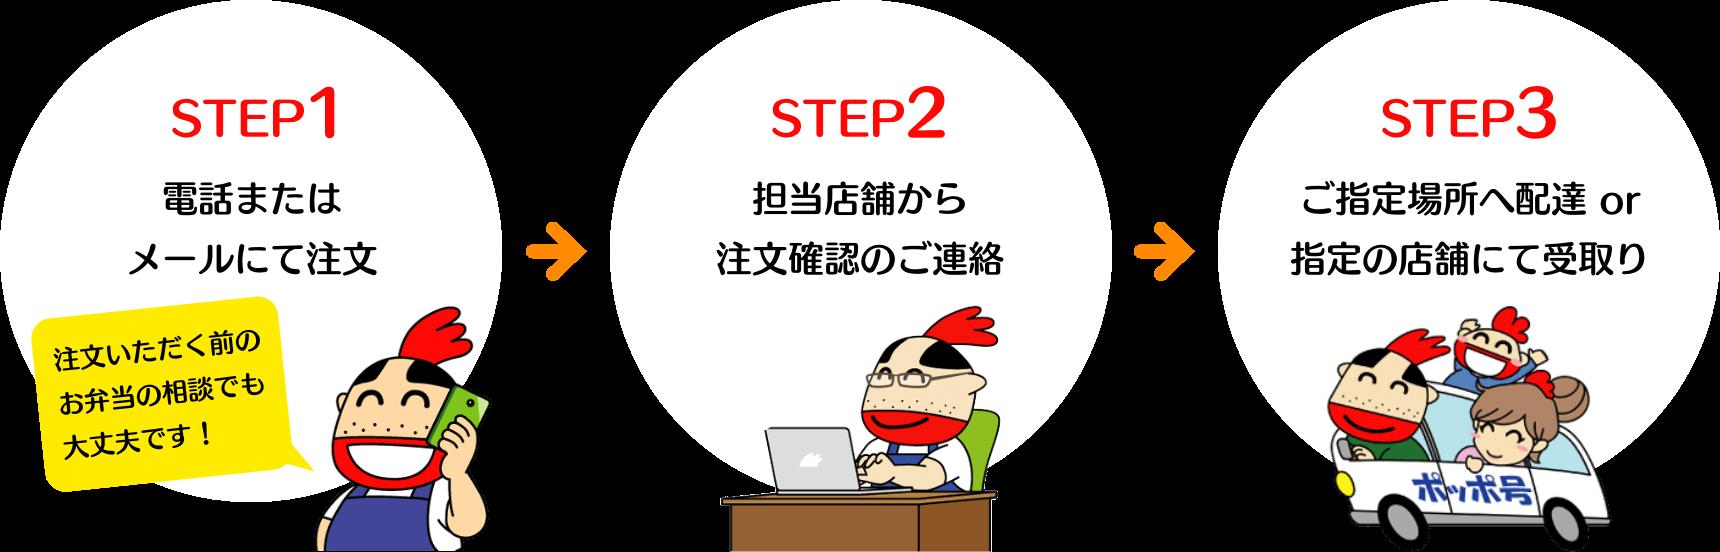 お弁当注文 STEP1 STEP2 STEP3